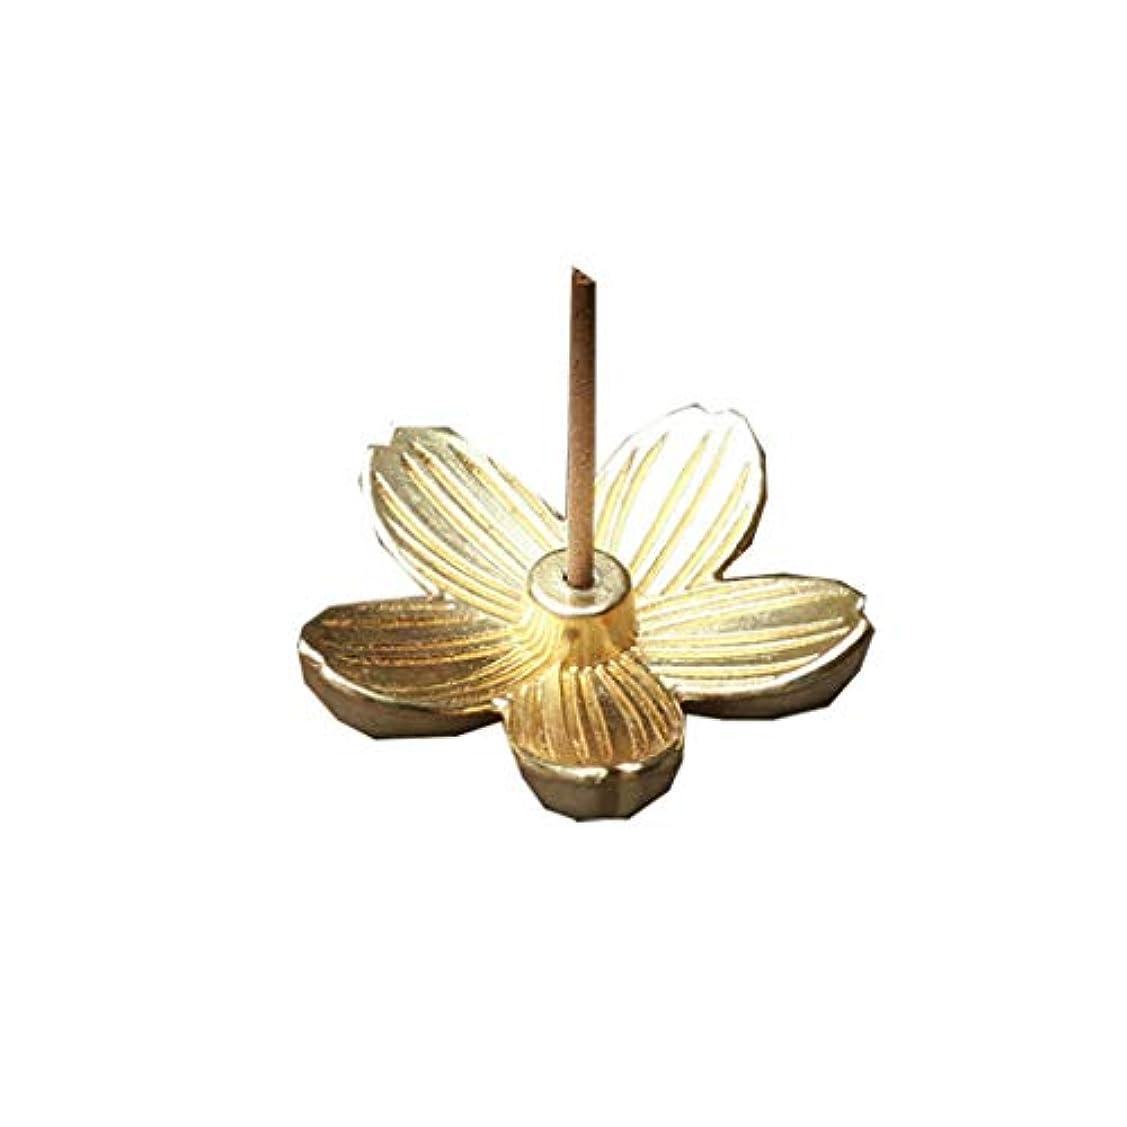 ブリリアントとにかくポーククリエイティブヴィンテージ銅アートさくら型の香炉香スティックコーンホルダーホーム仏教の装飾誕生日お香ホルダー (Color : Gold, サイズ : 1.14*1.14inchs)